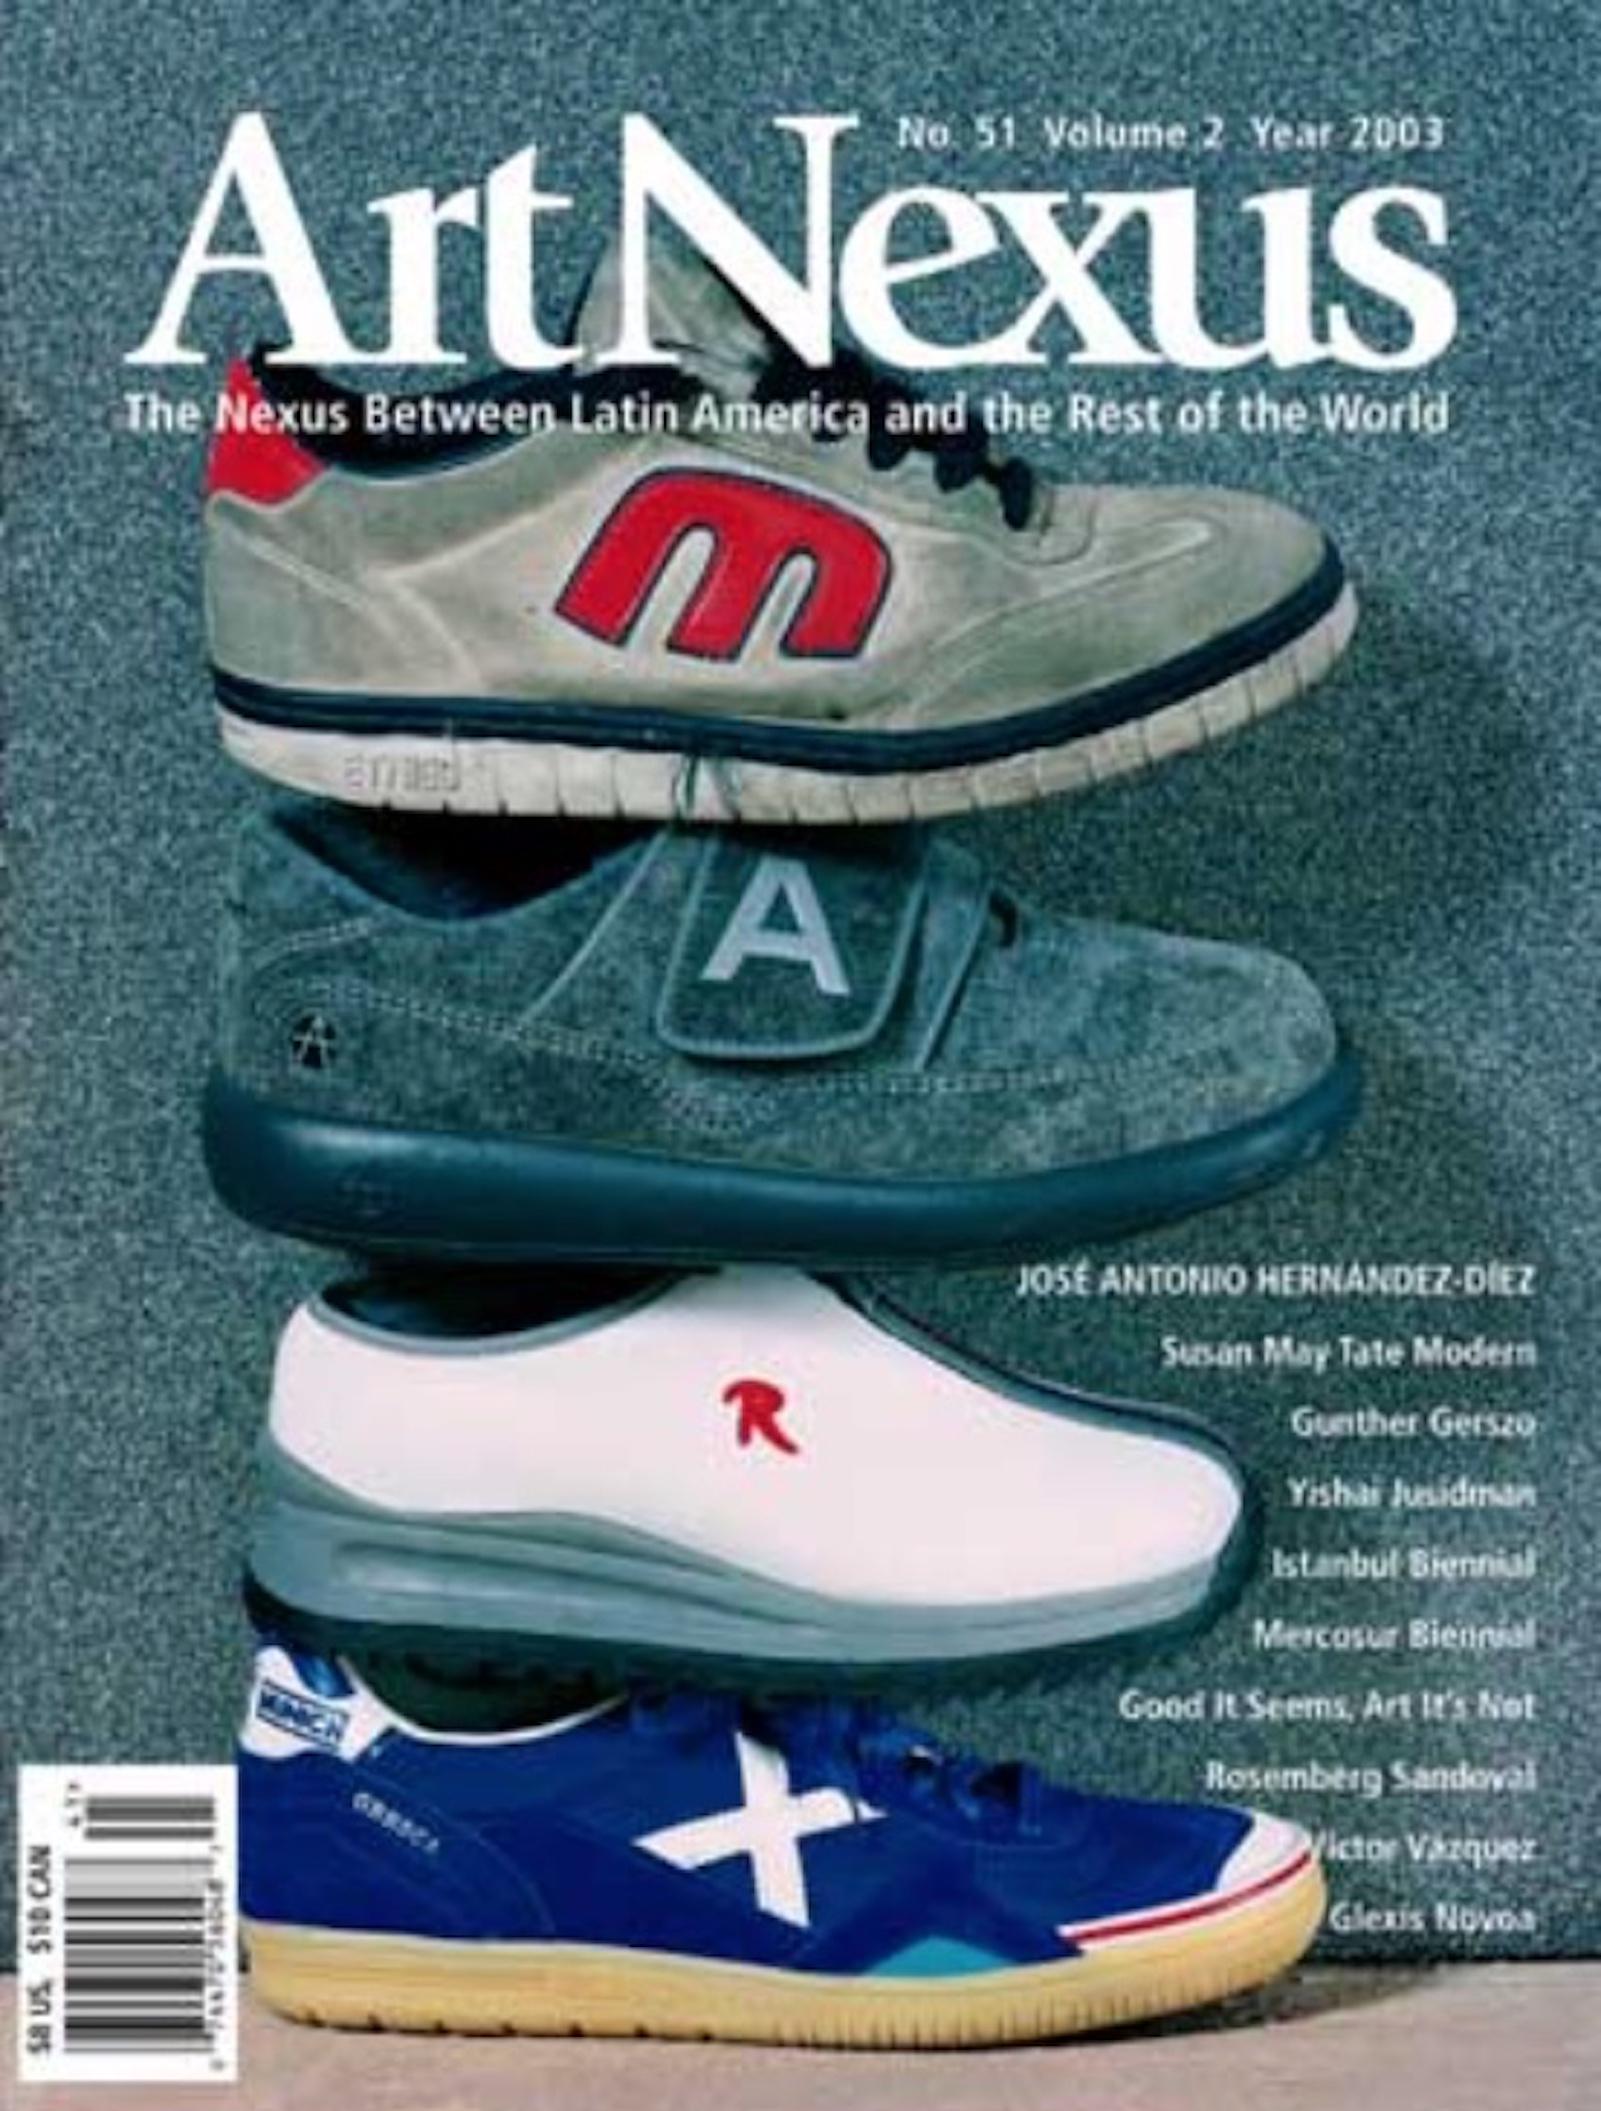 ArtNexus_2004_vol.2_51_María Elena González